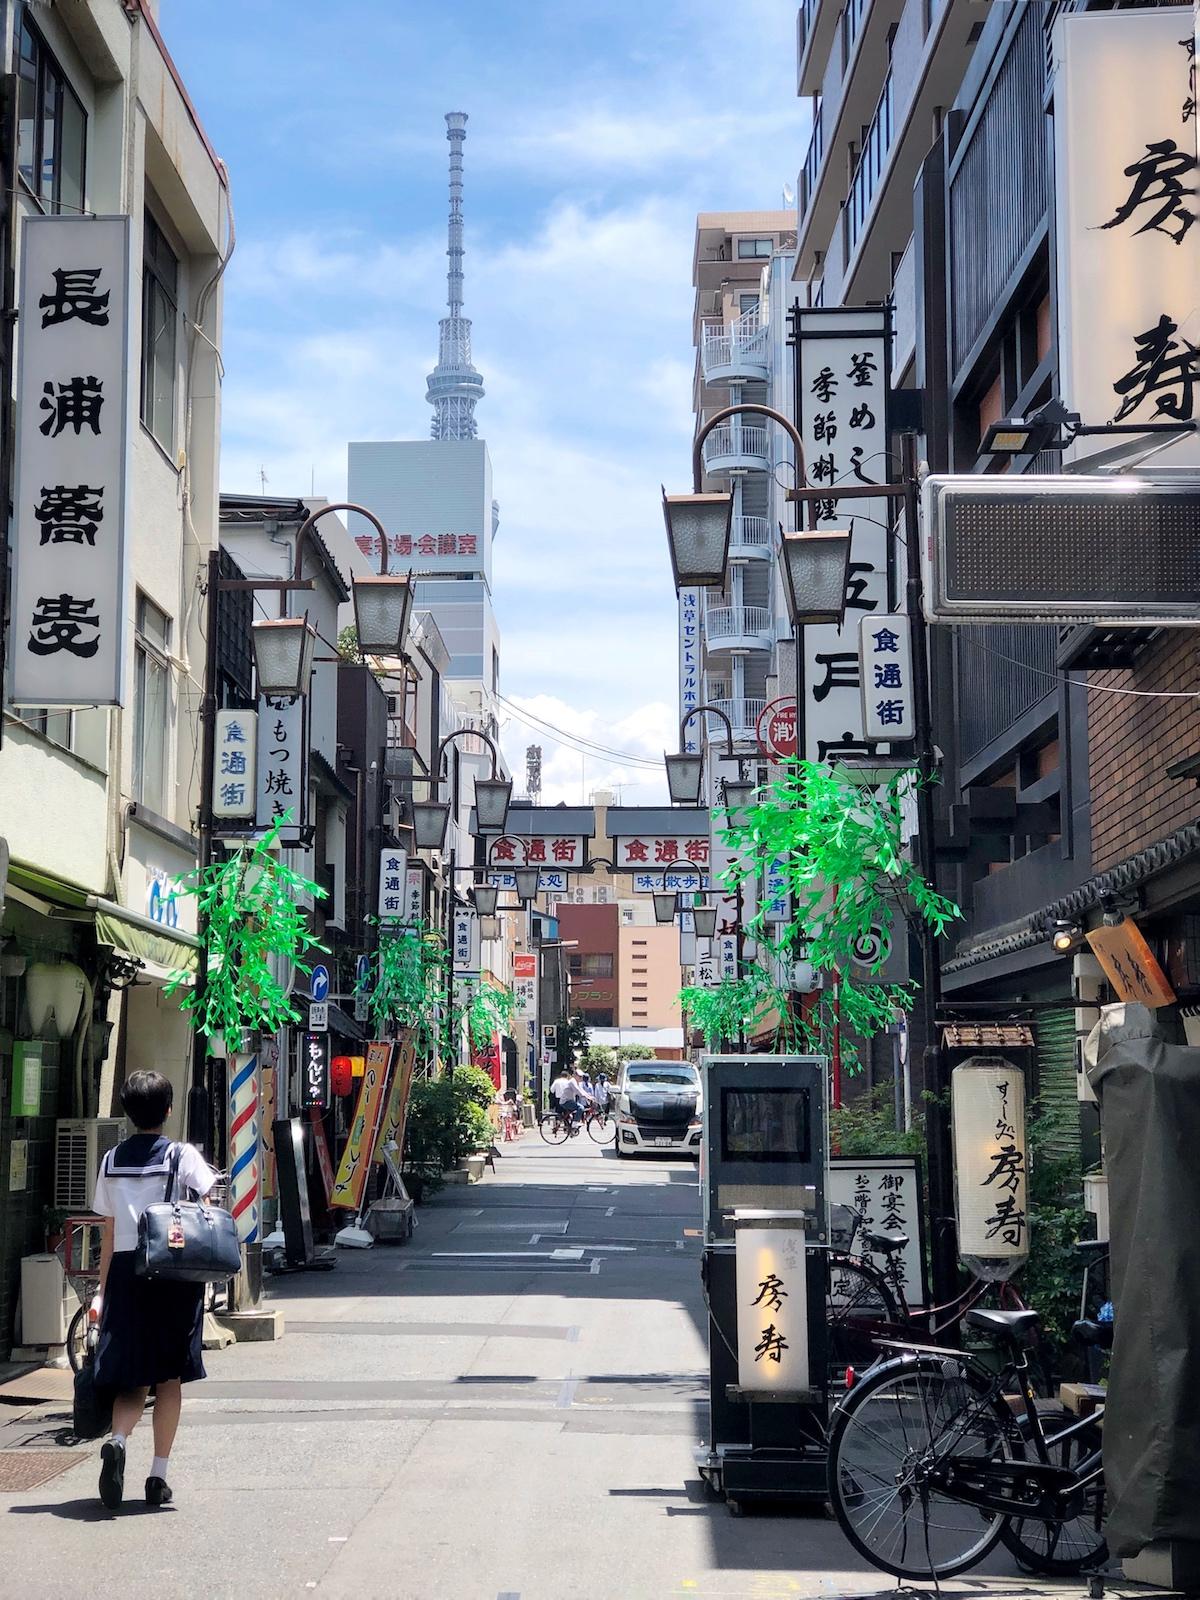 cosa vedere a tokyo, cosa fare a tokyo